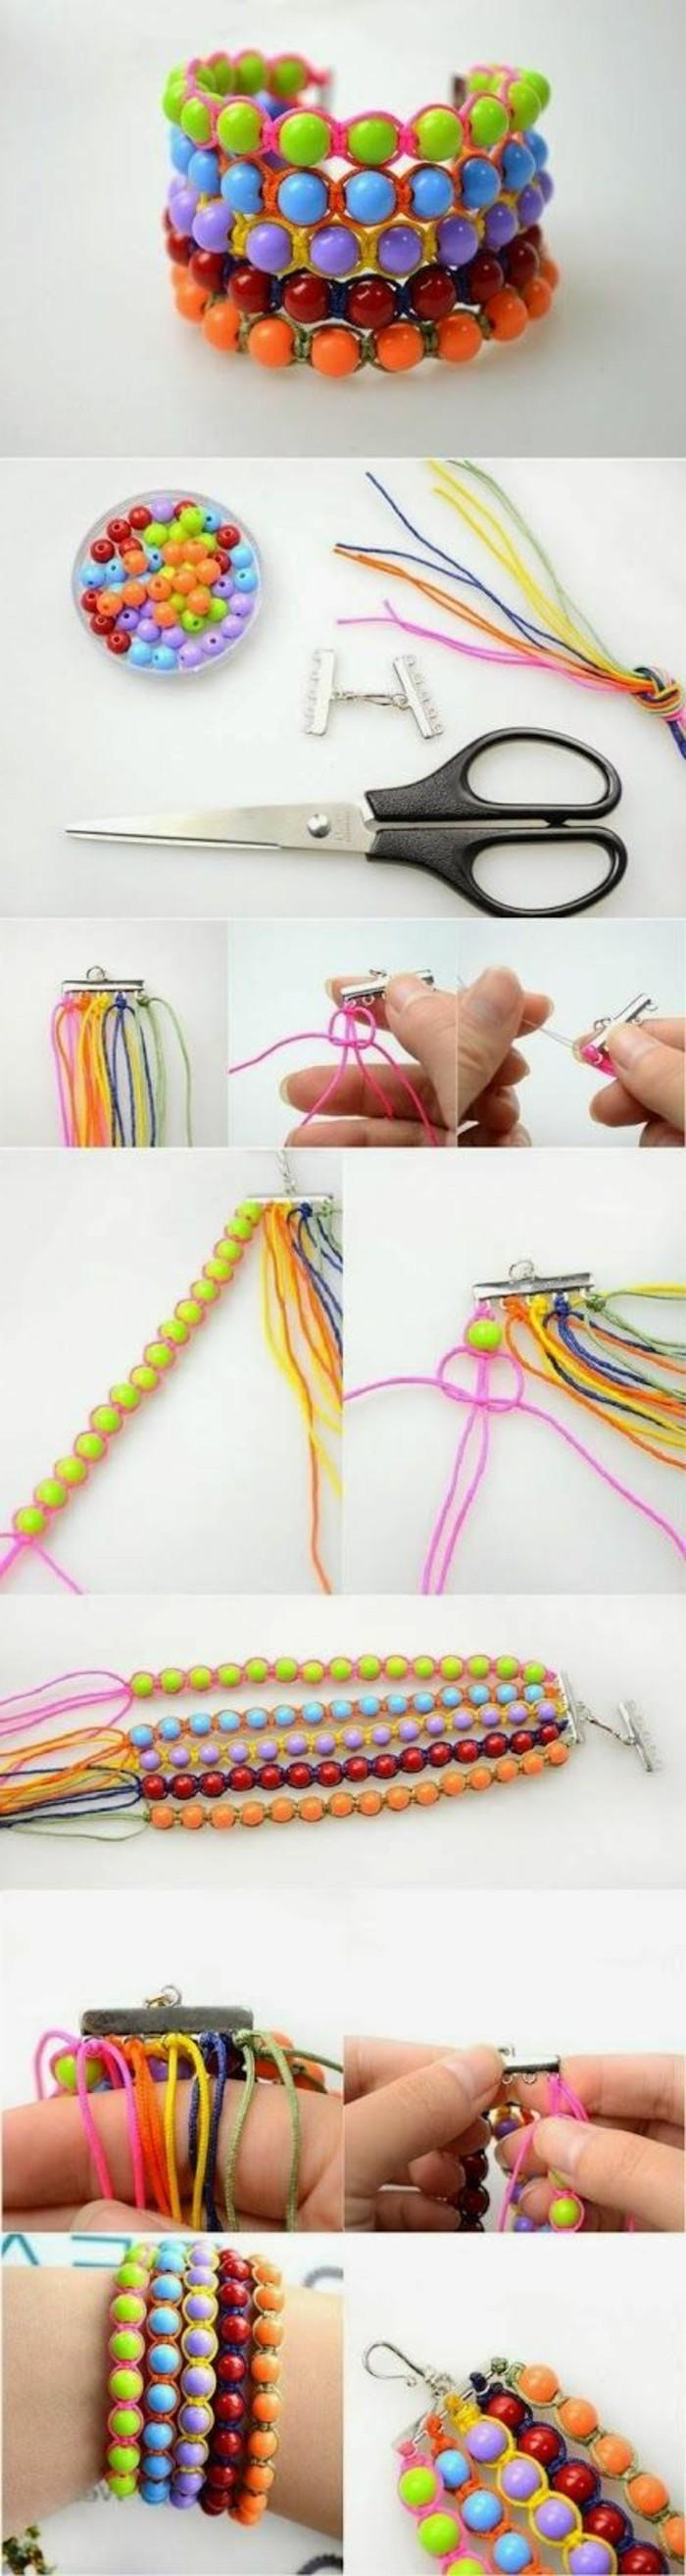 bracelet-a-faire-soi-meme-avec-petit-cailloux-decoratifs-colores-bijou-pas-cher